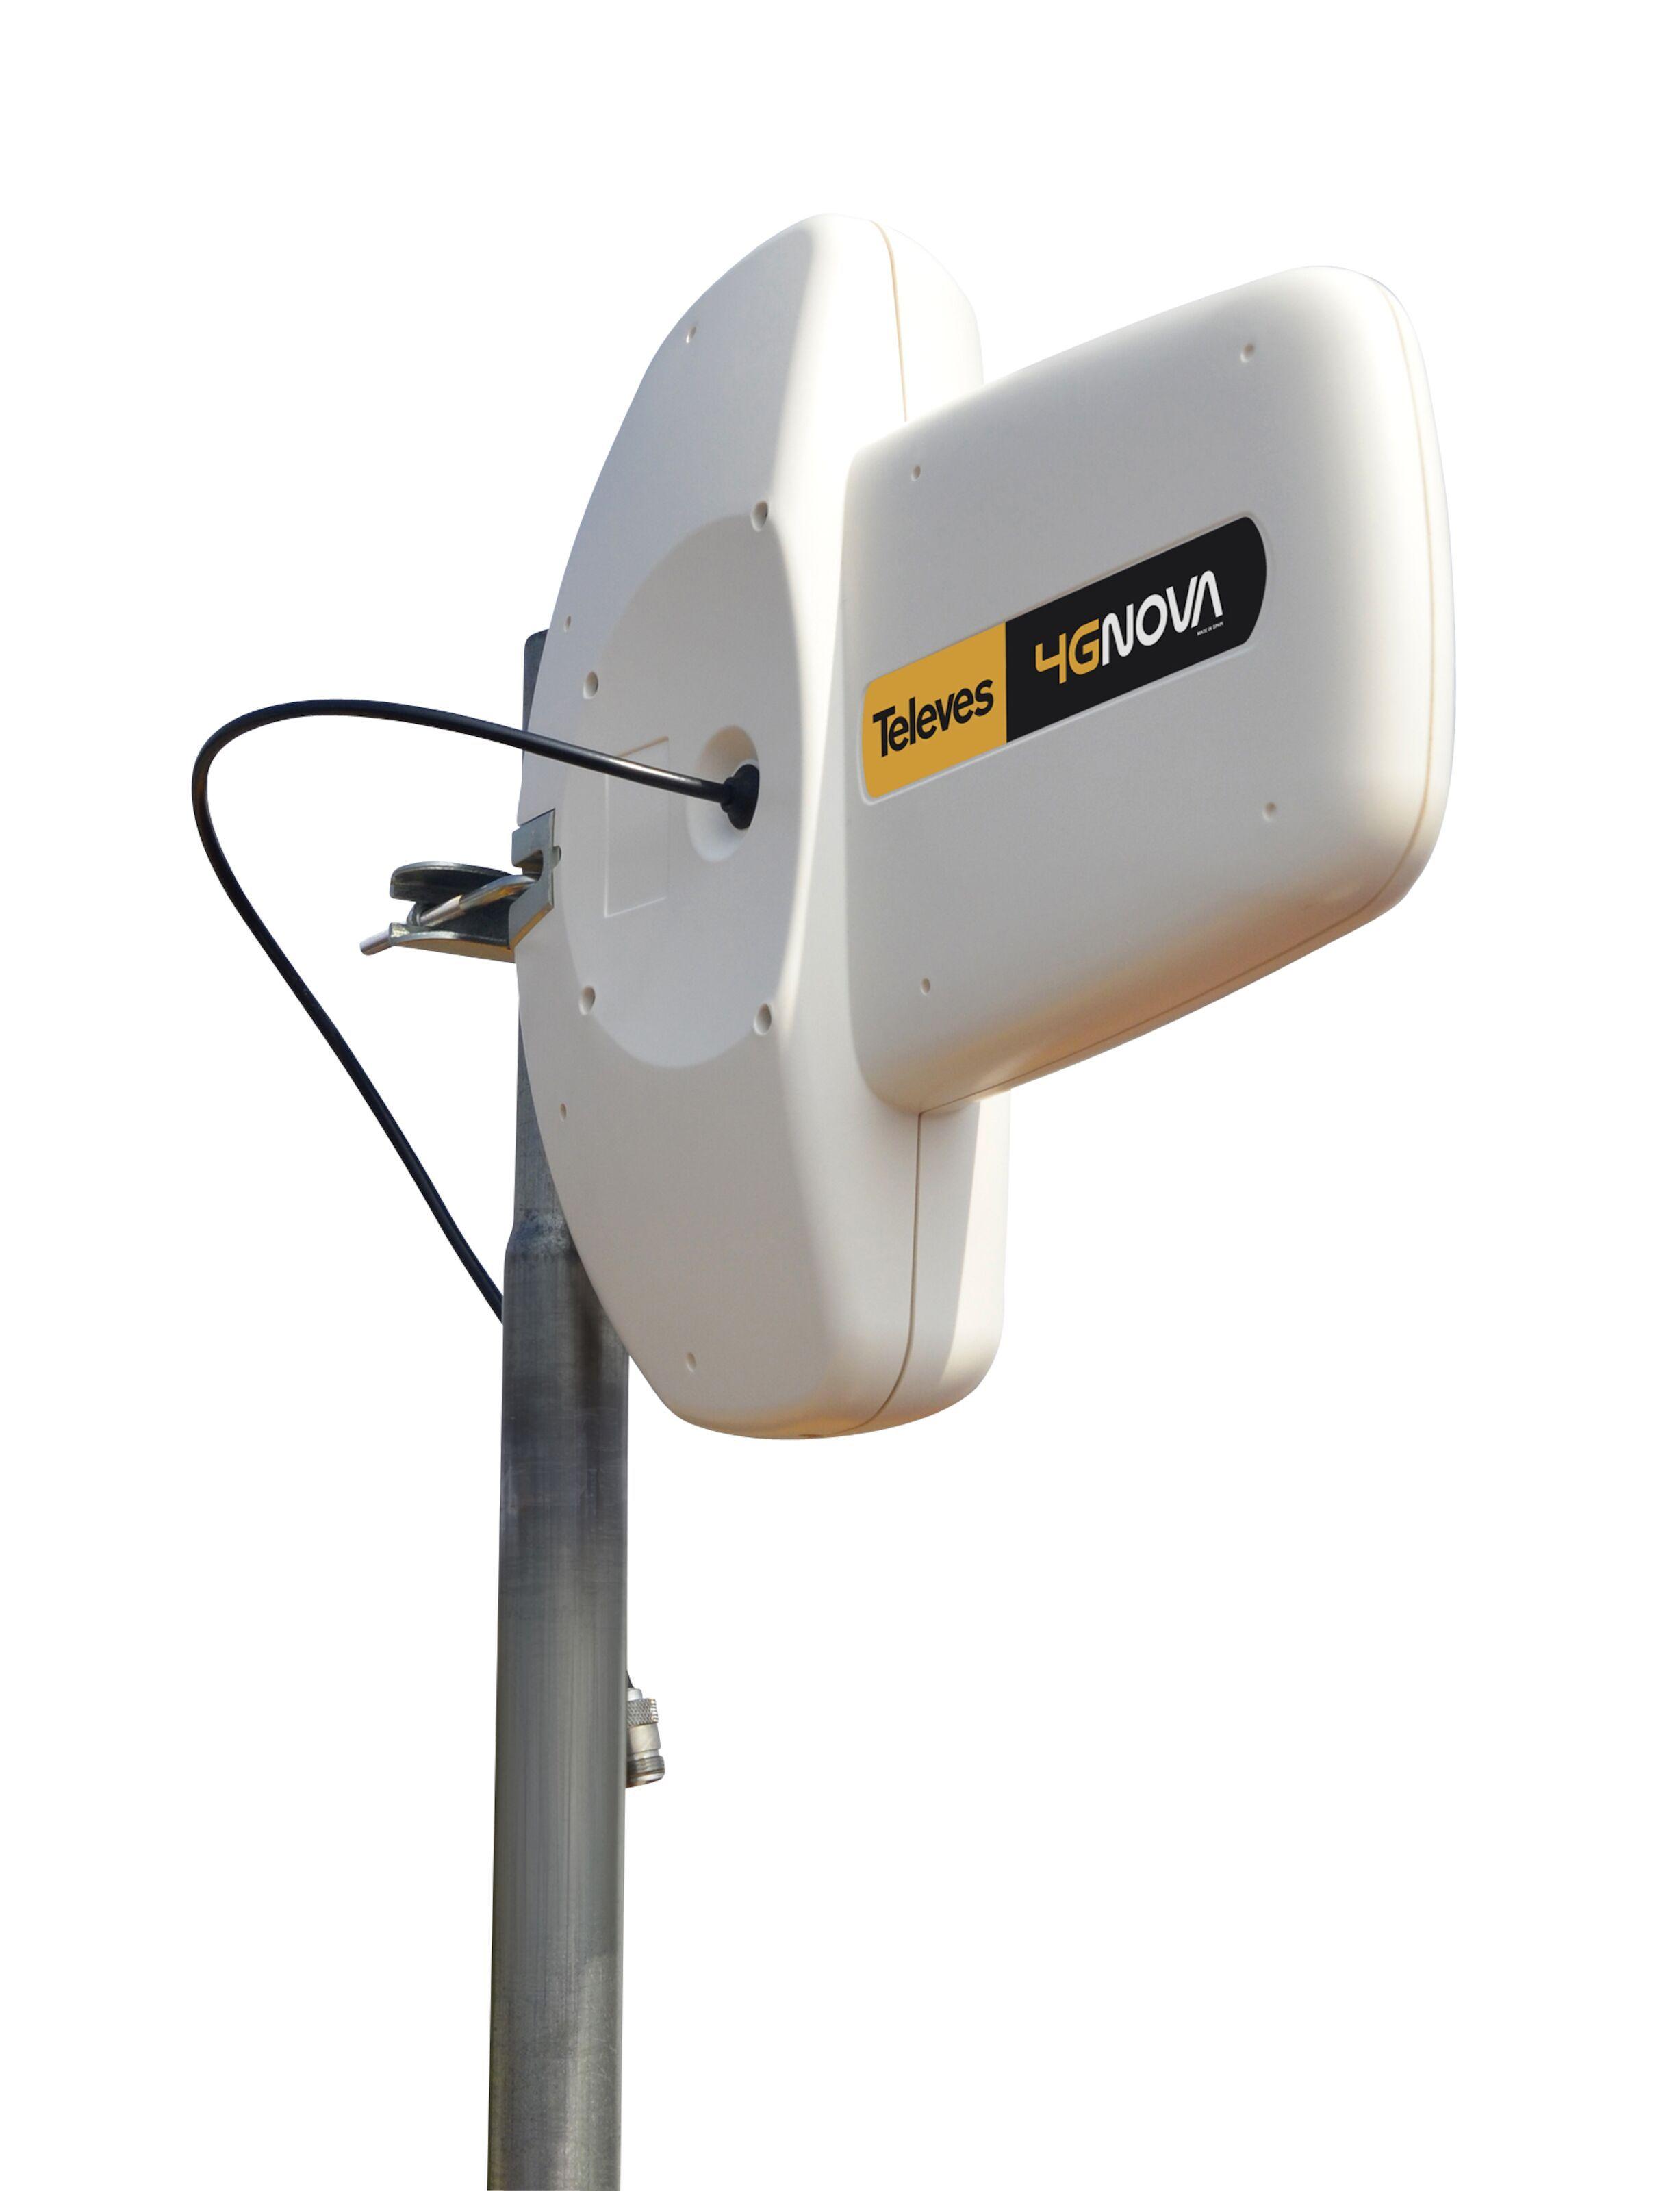 mobilt bredband antenn test